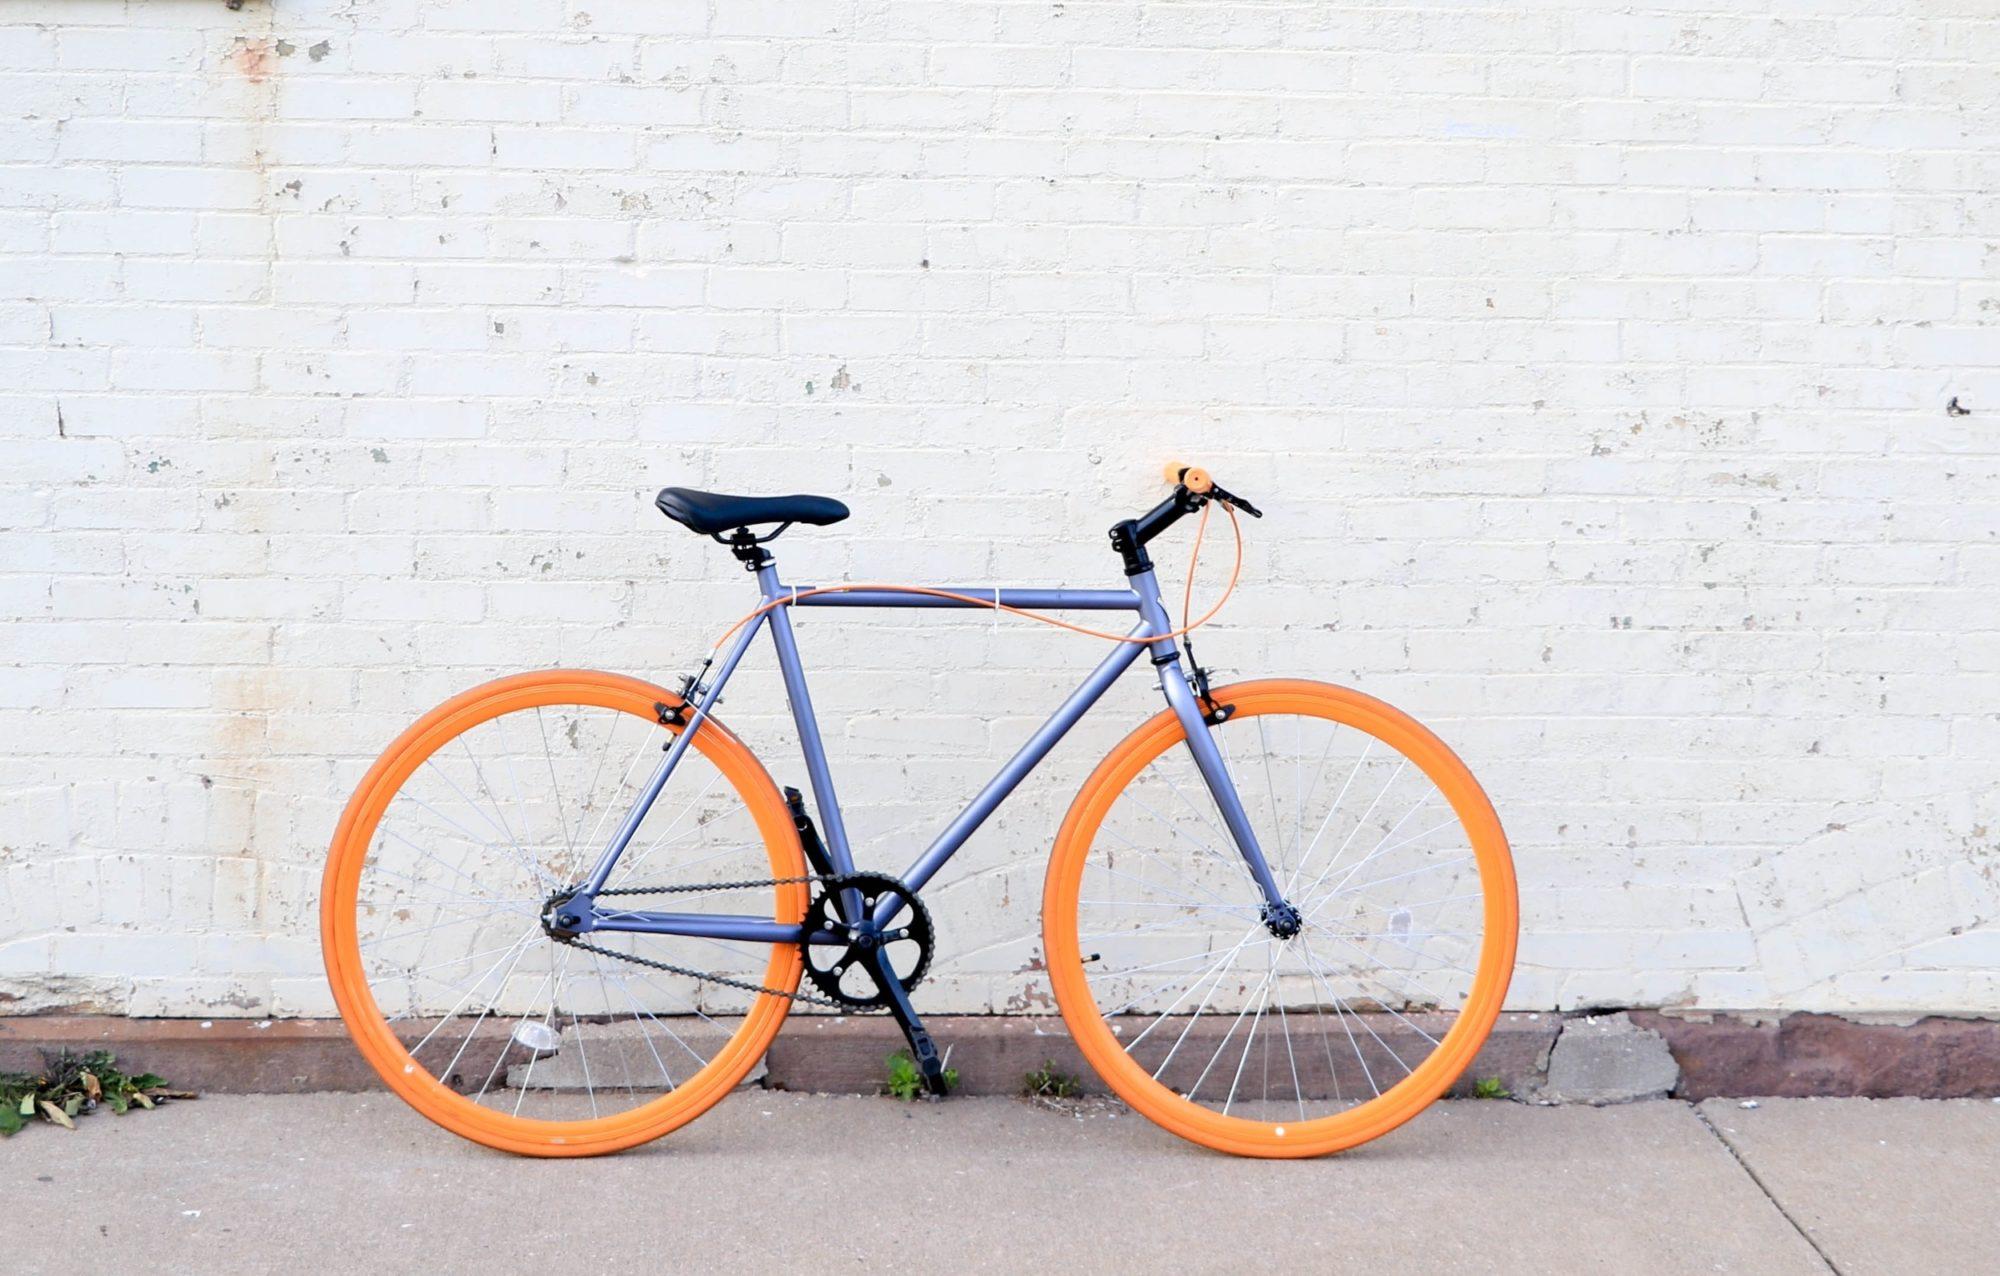 Dienas prieks: Sēdēšana mājās netraucē braukt ar velosipēdu